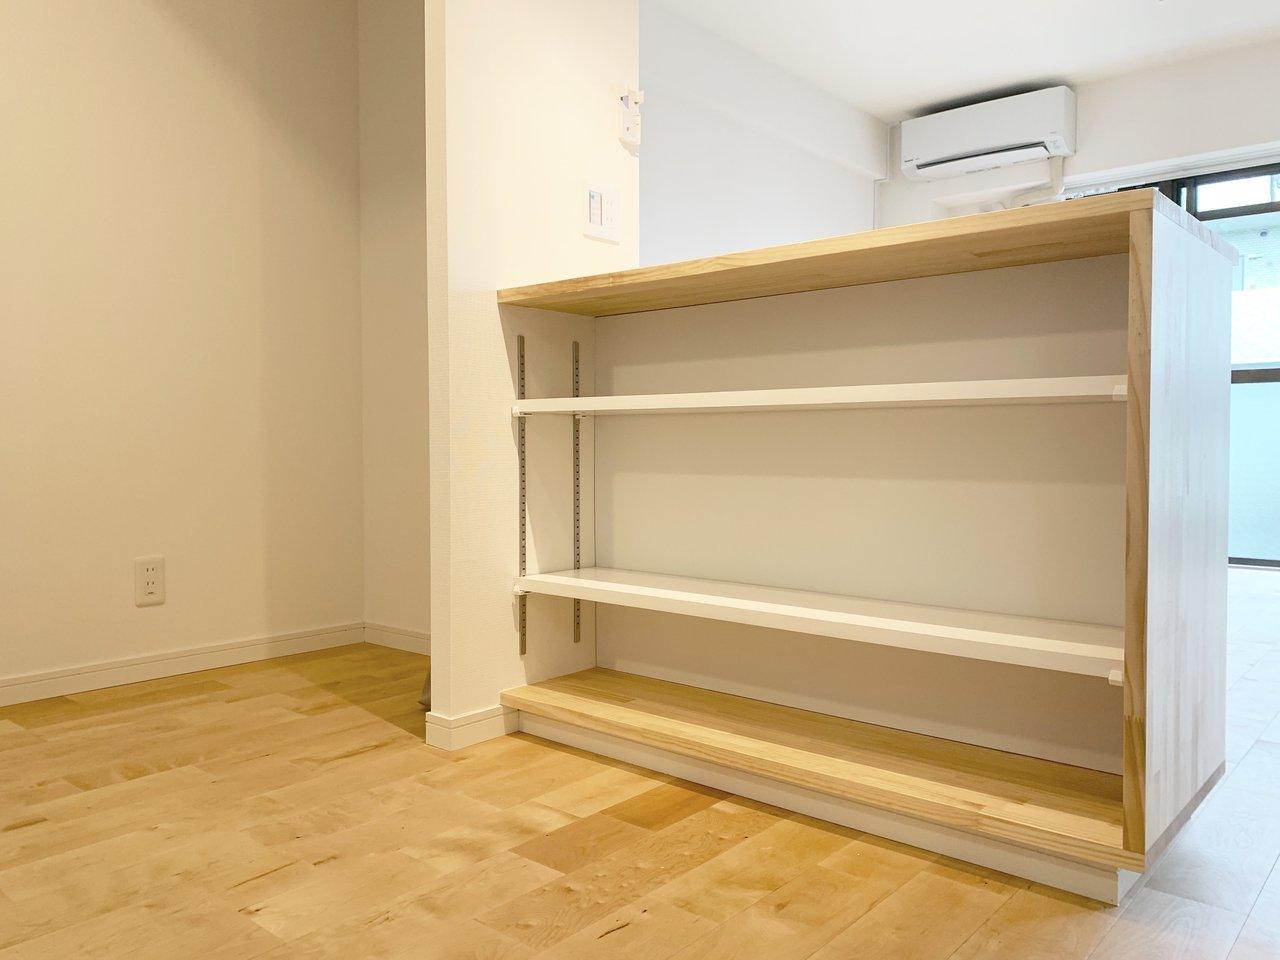 しかもこちらのカウンター、キッチン側は収納スペースになっていました。キッチン自体にも収納棚がついているので、かなり広々と使えますね。